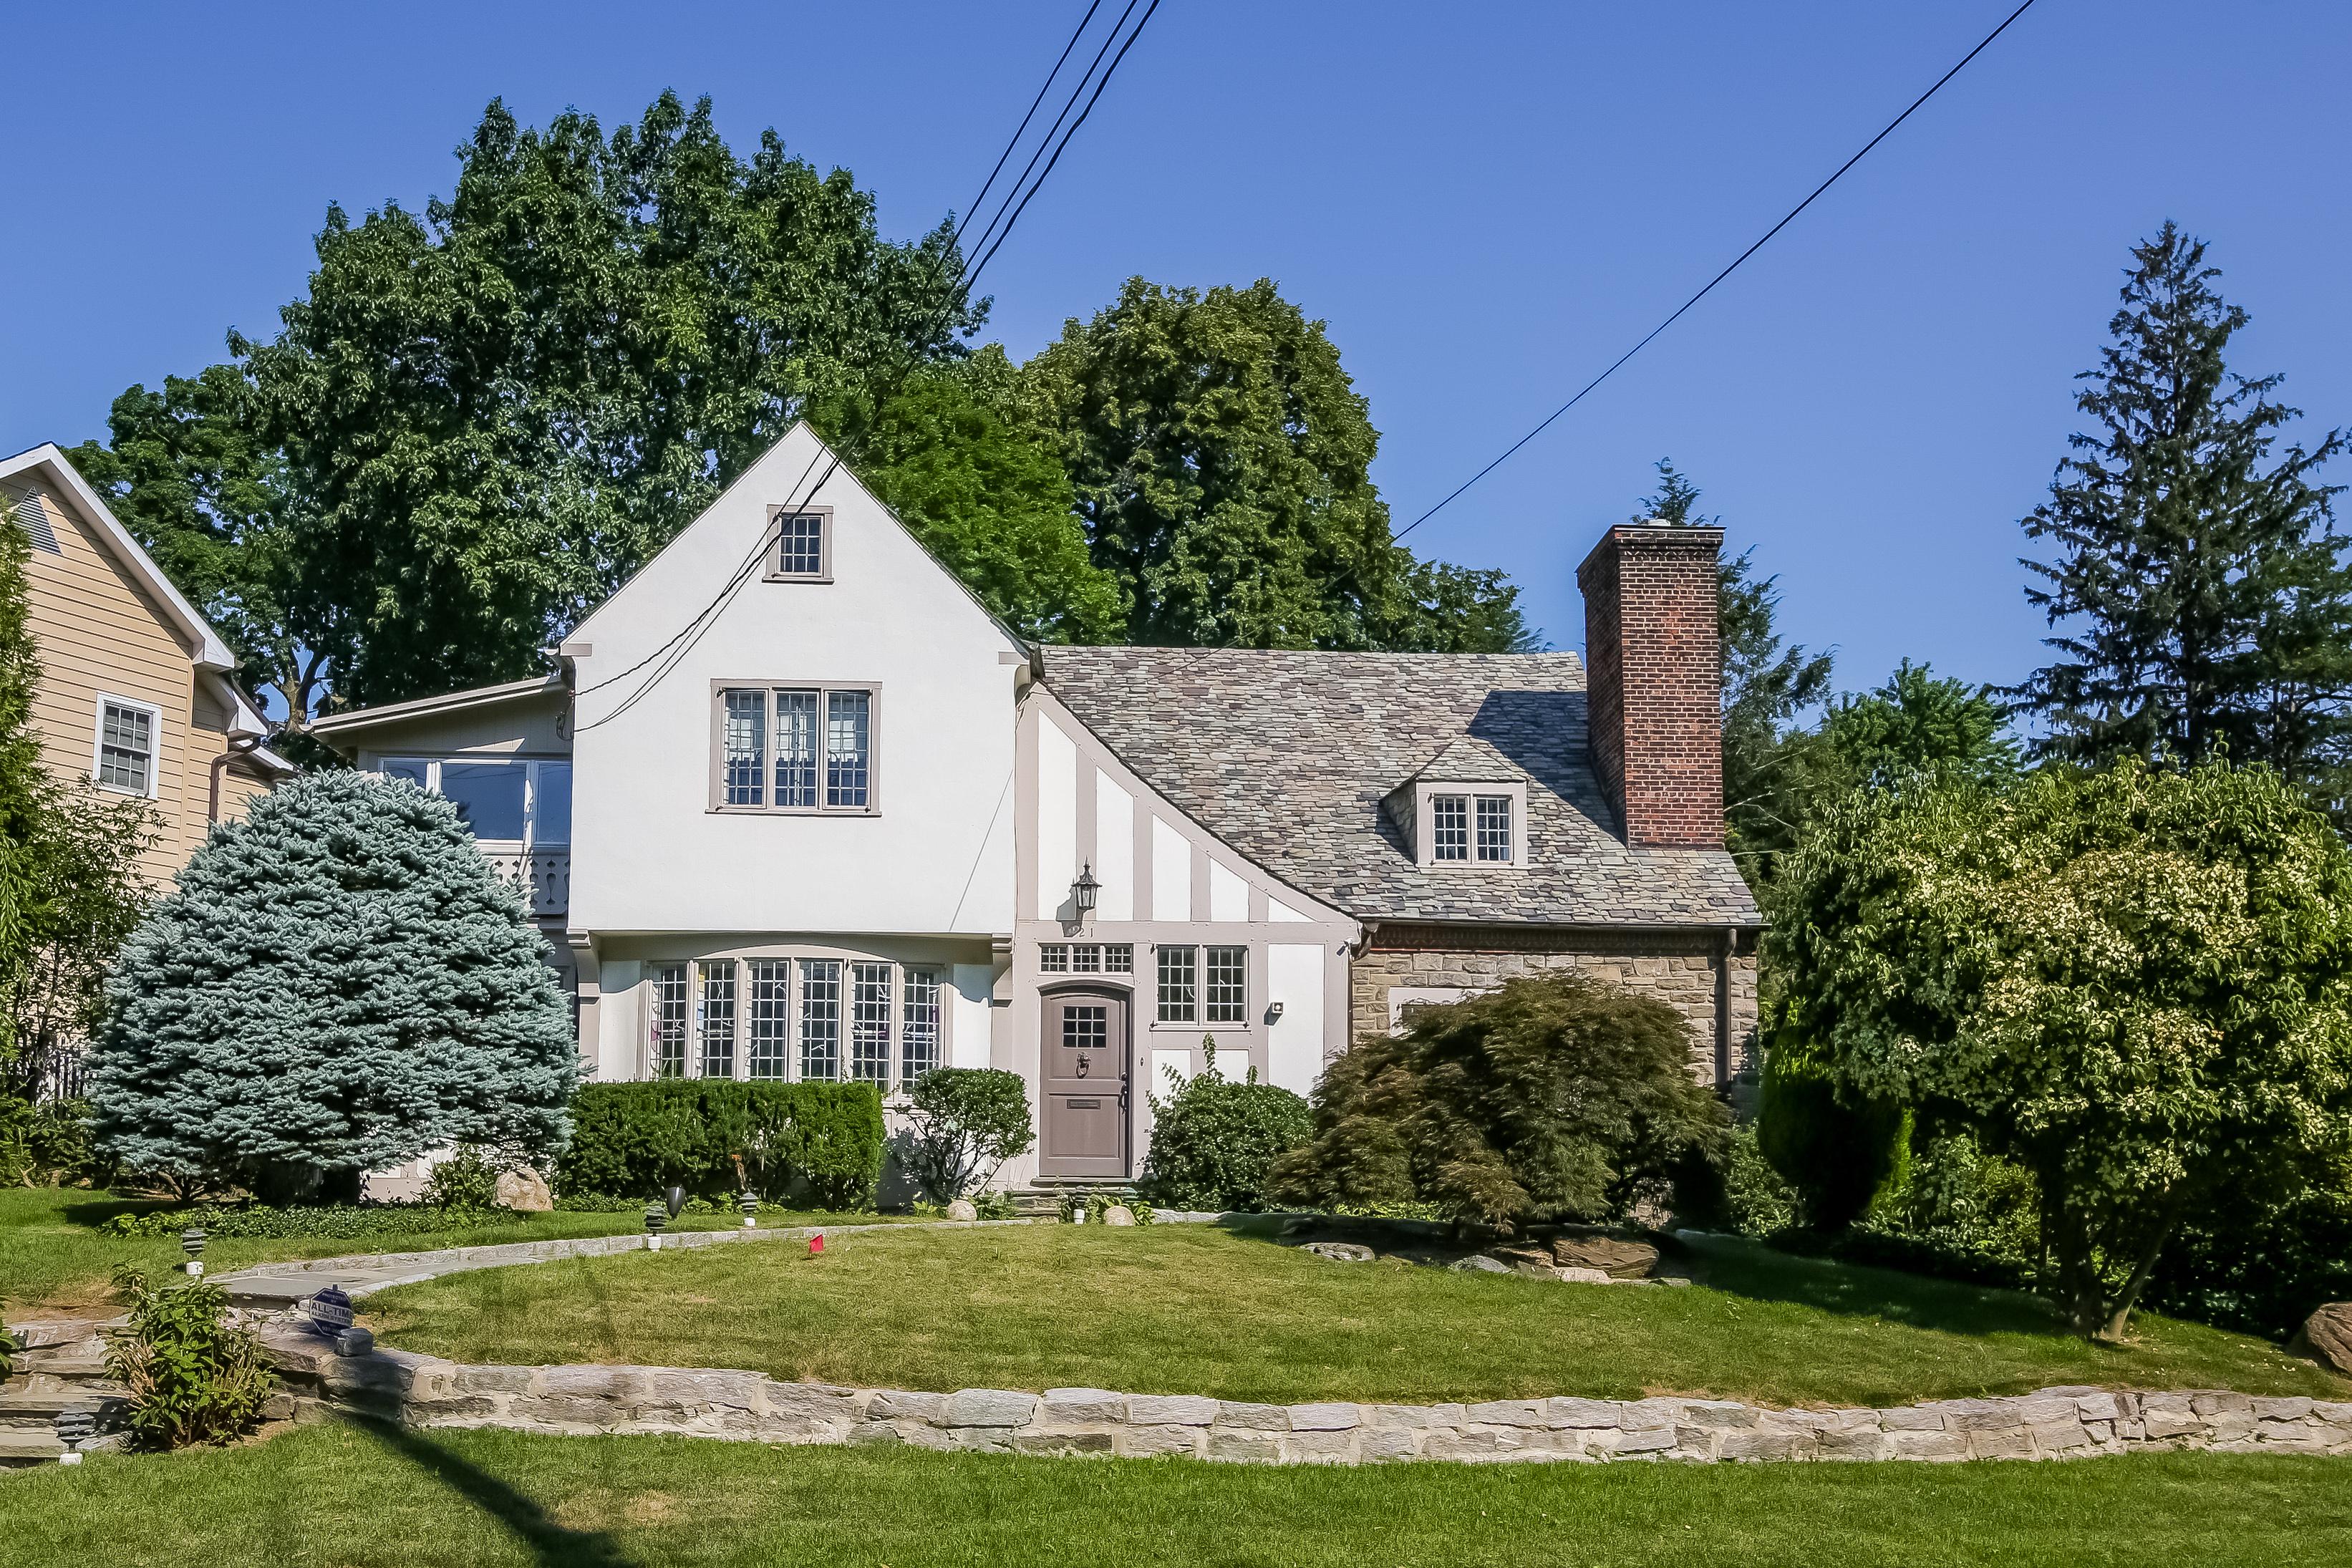 Einfamilienhaus für Verkauf beim English Tudor Home in Bronxville 21 Dusenberry Road Bronxville, New York, 10708 Vereinigte Staaten